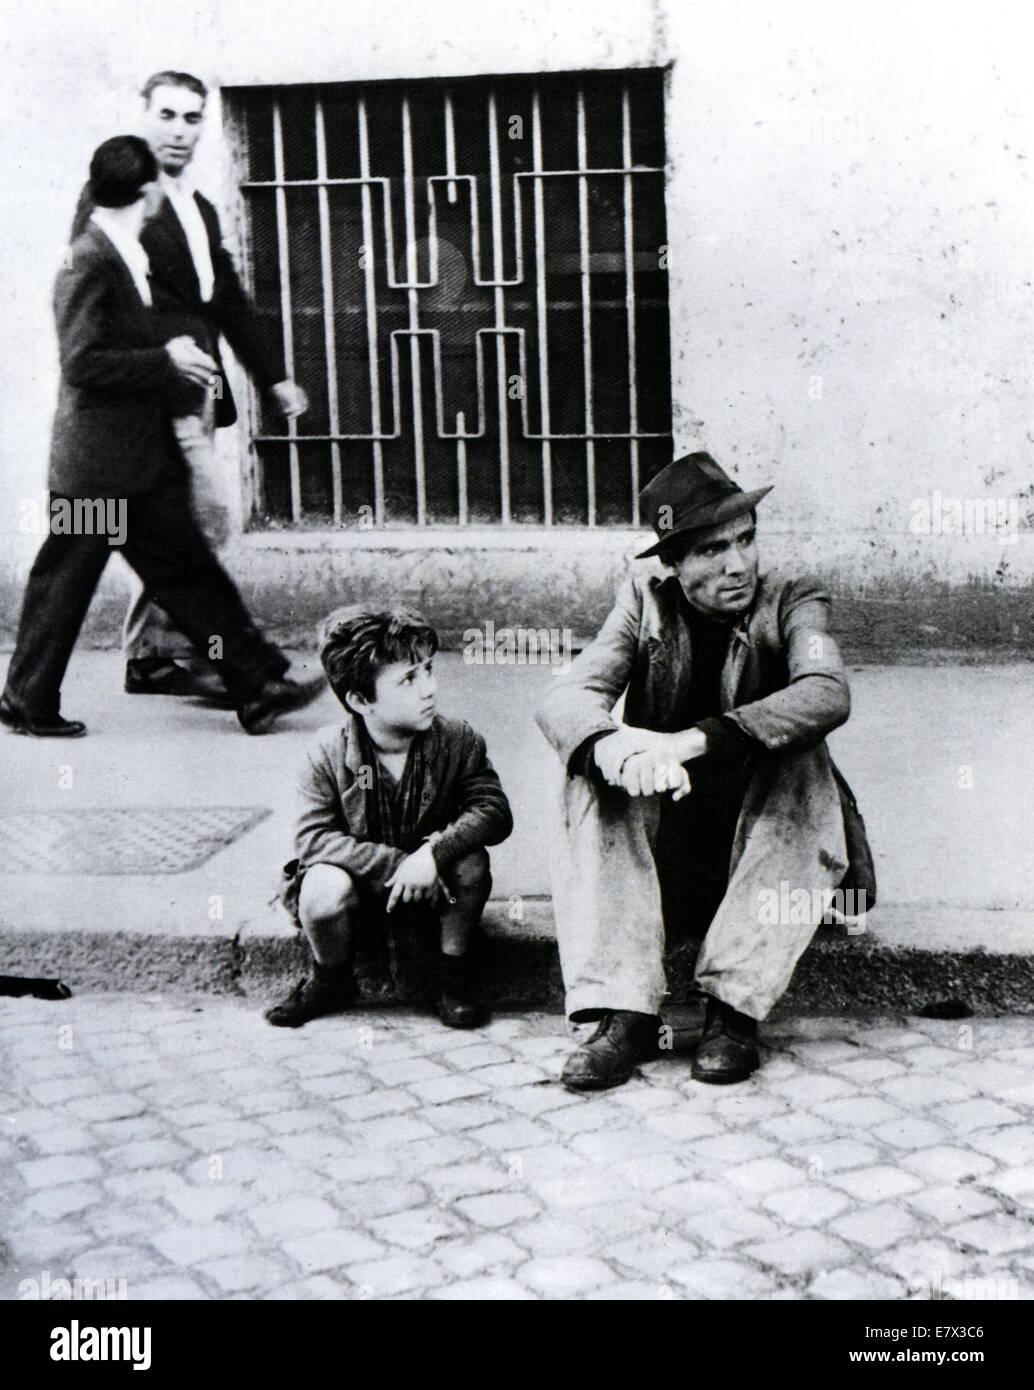 BICYCLE THIEF (aka ladri di Biciclette) 1948 film director by Vittorio De Sica - Stock Image